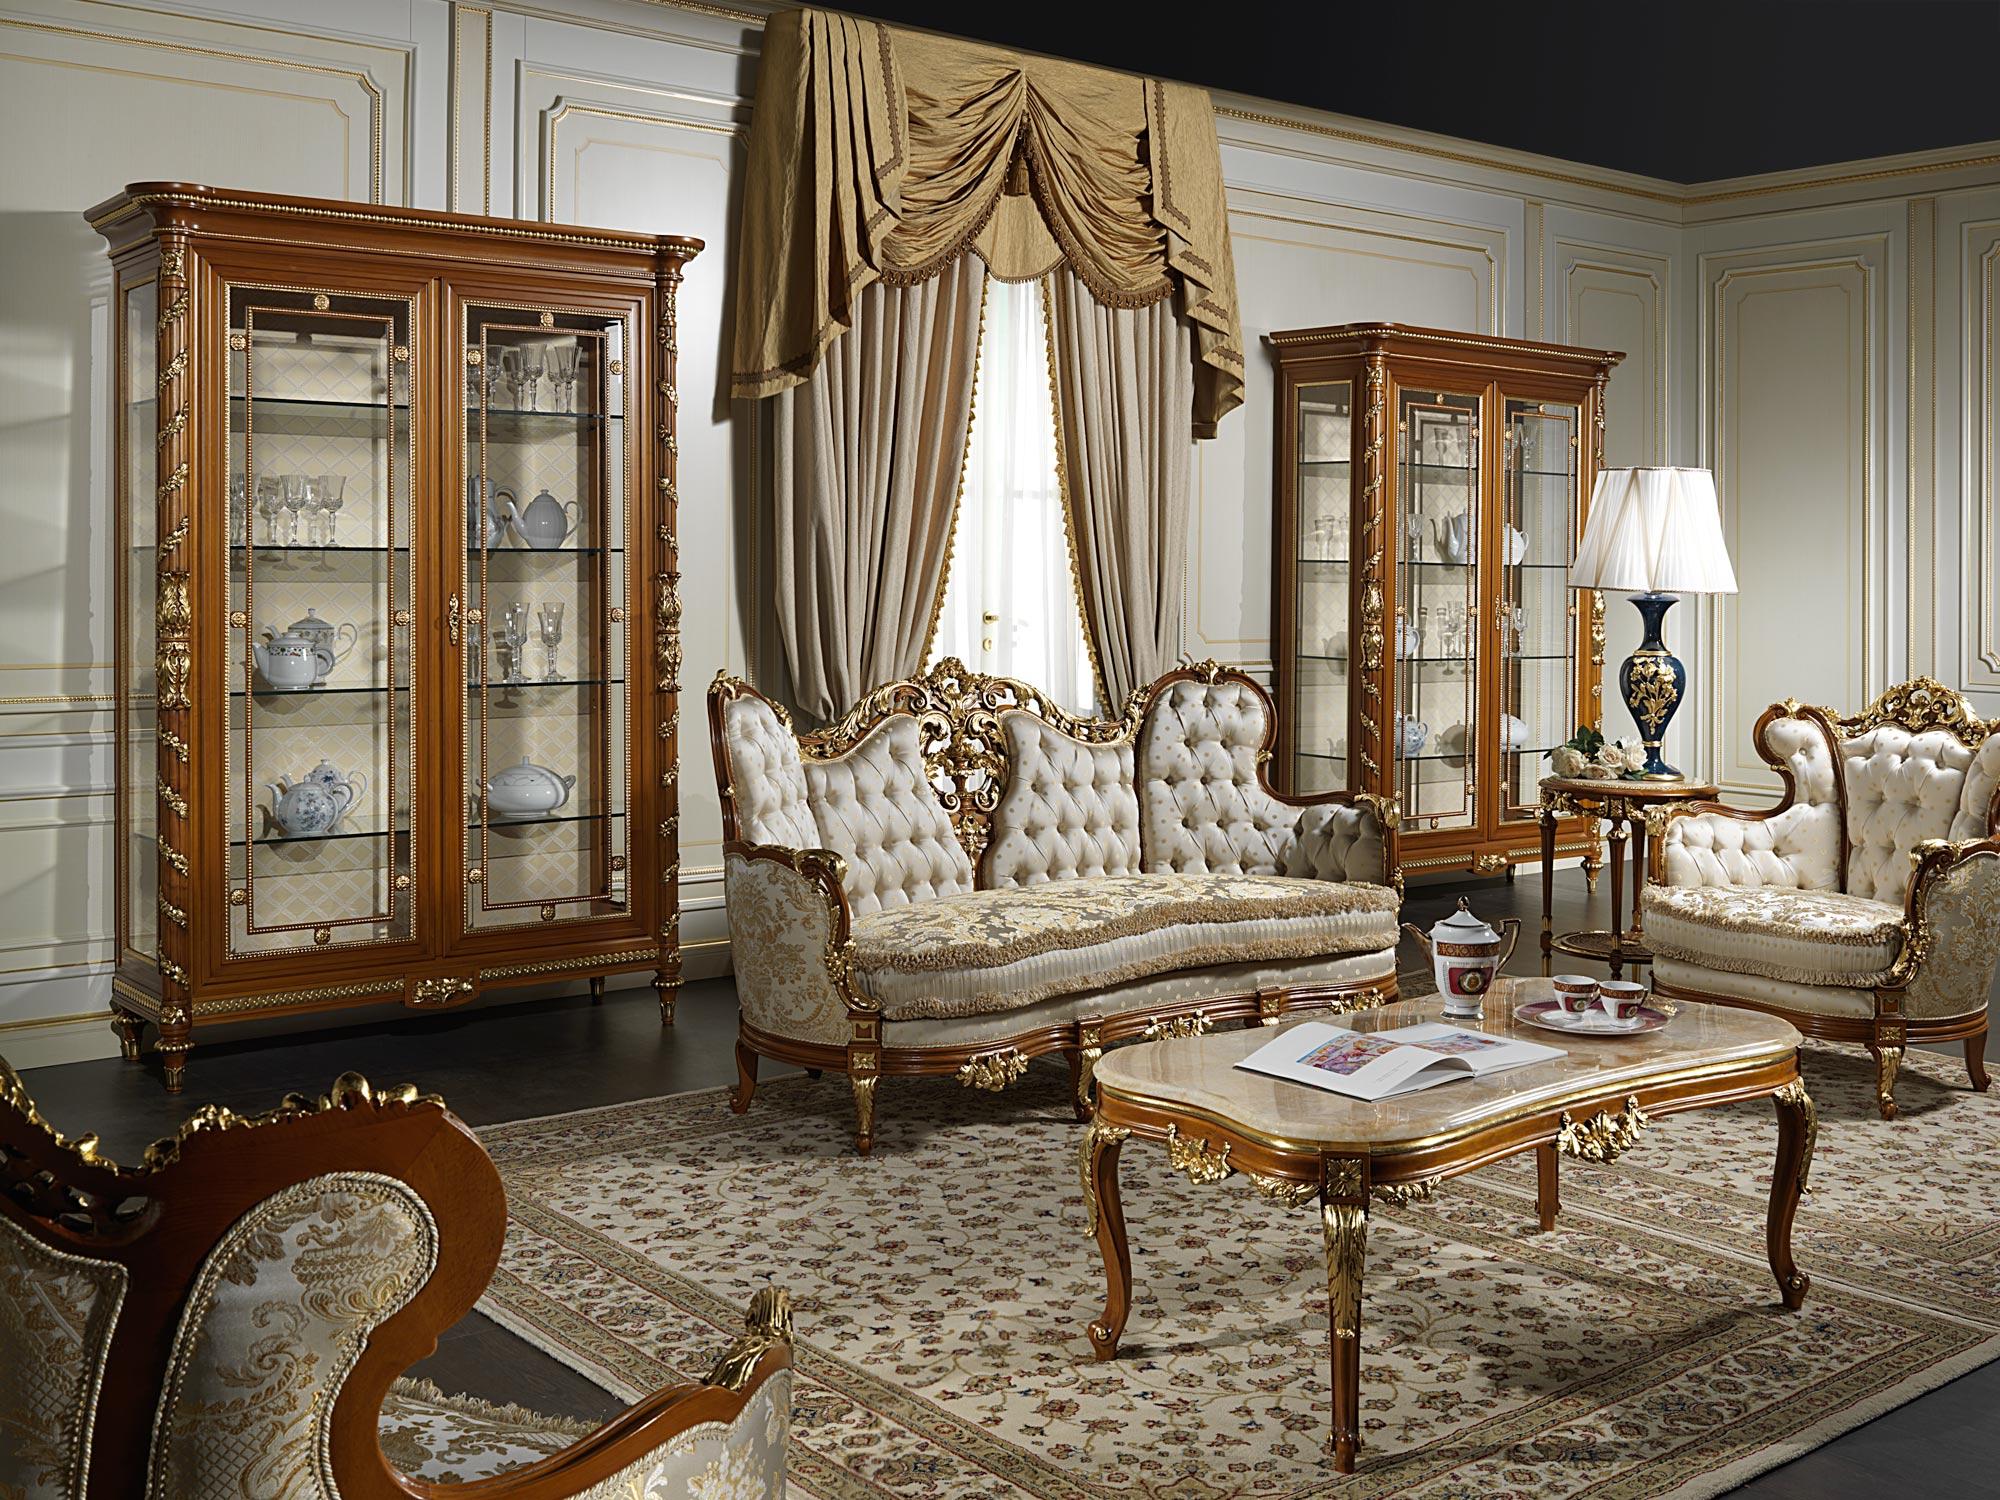 Salotto di lusso 800 vimercati meda for Luxury arredamento